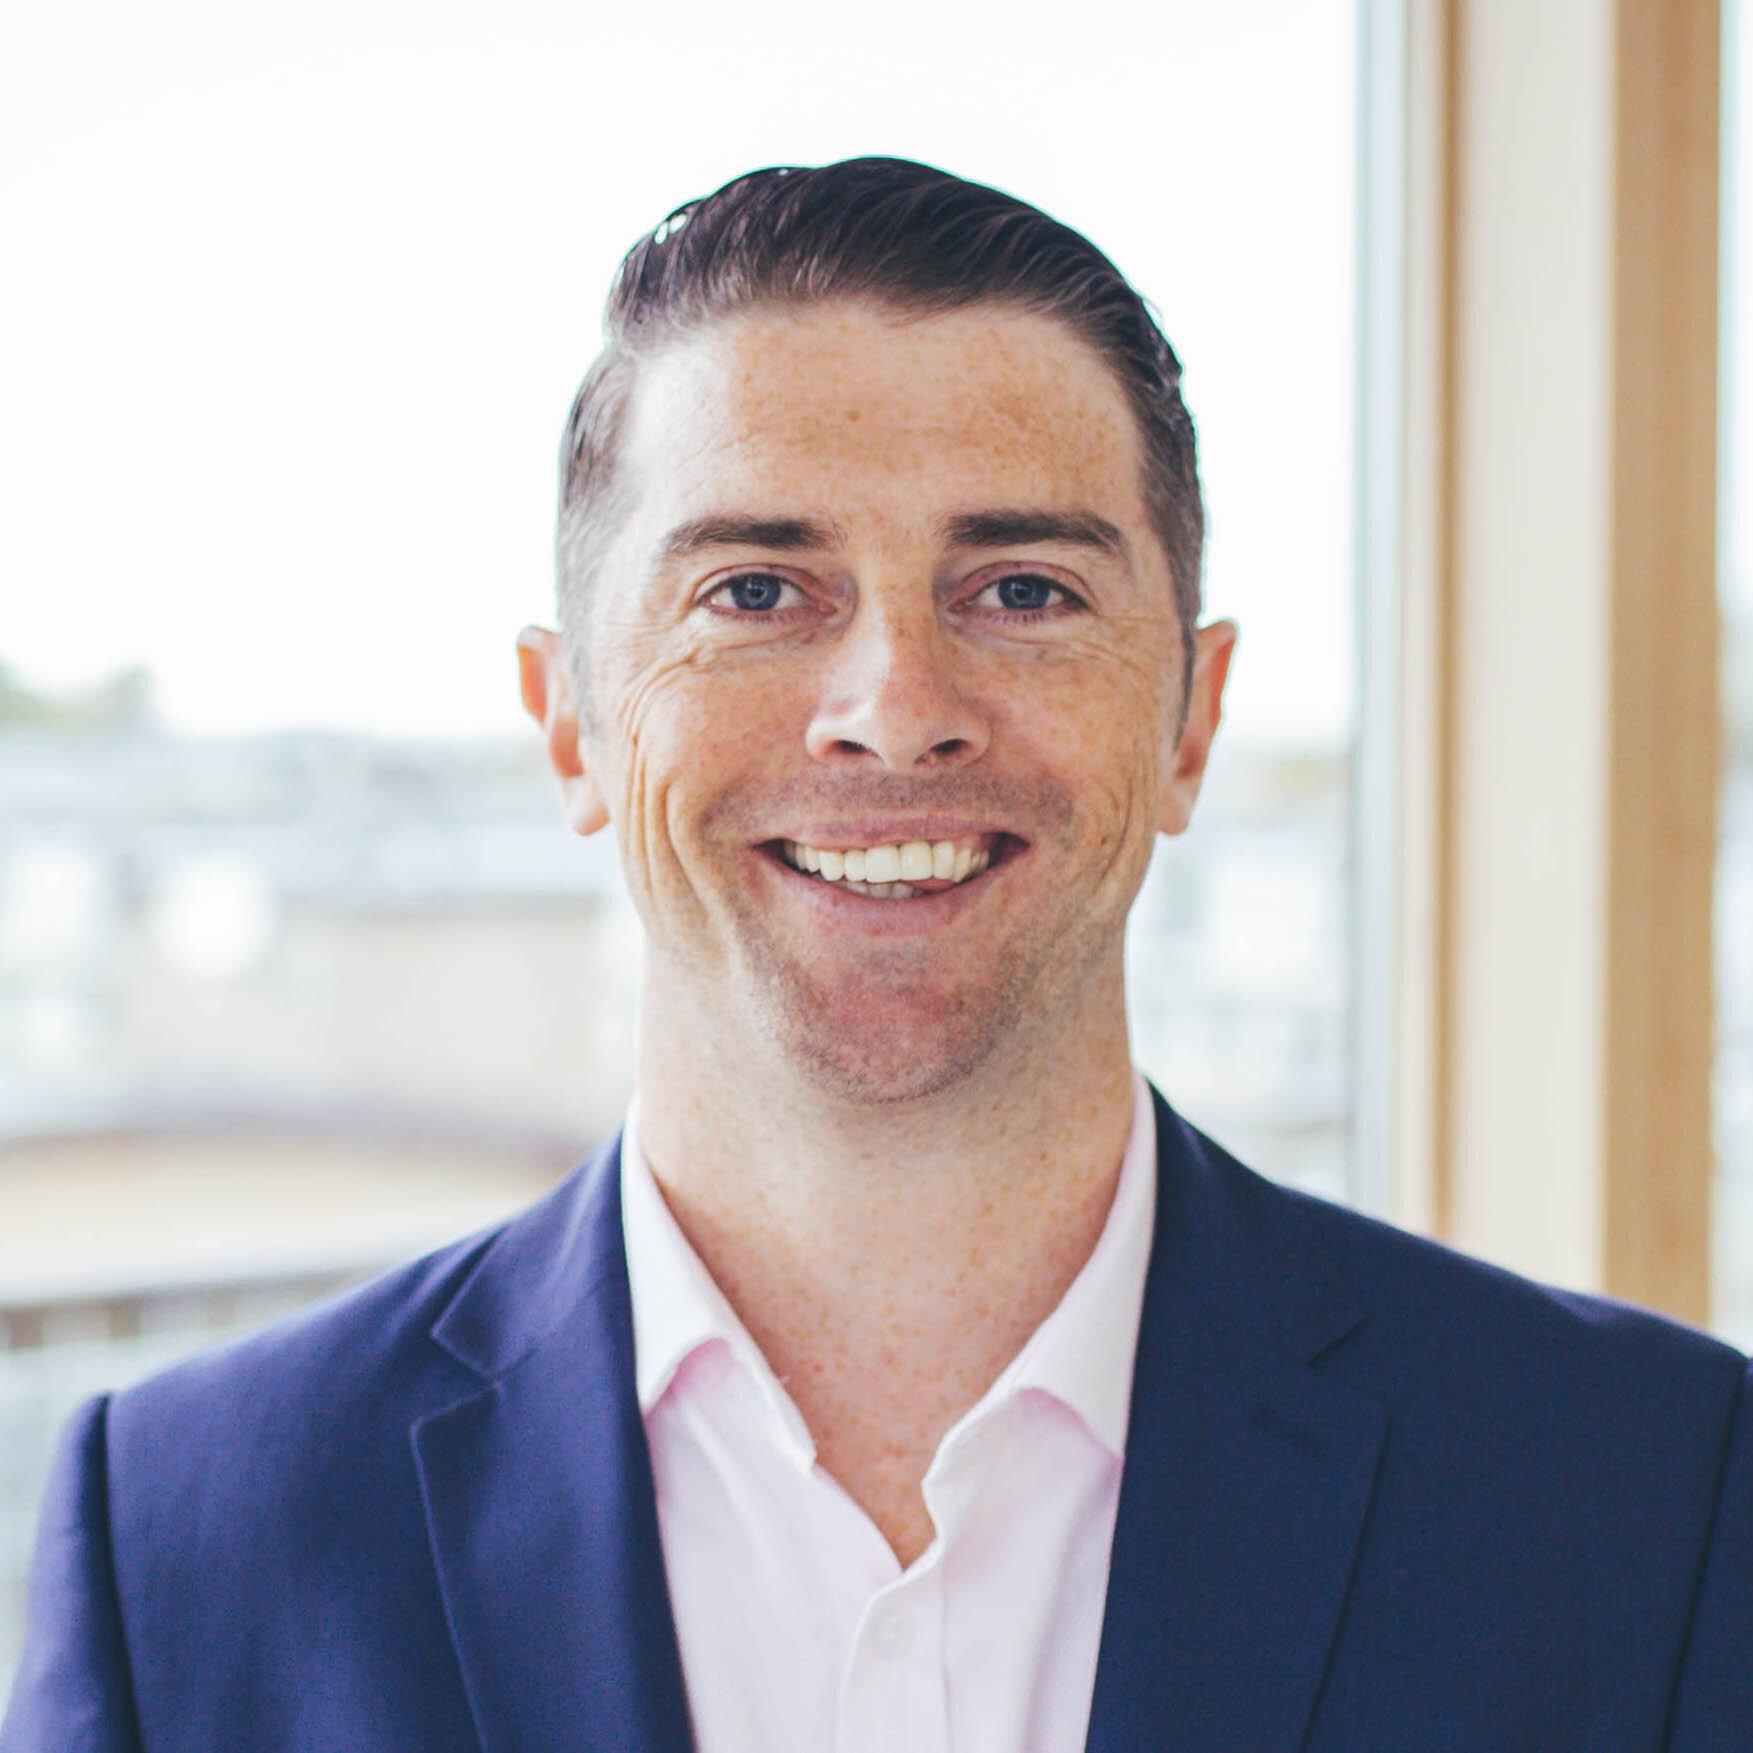 Conor Scanlon